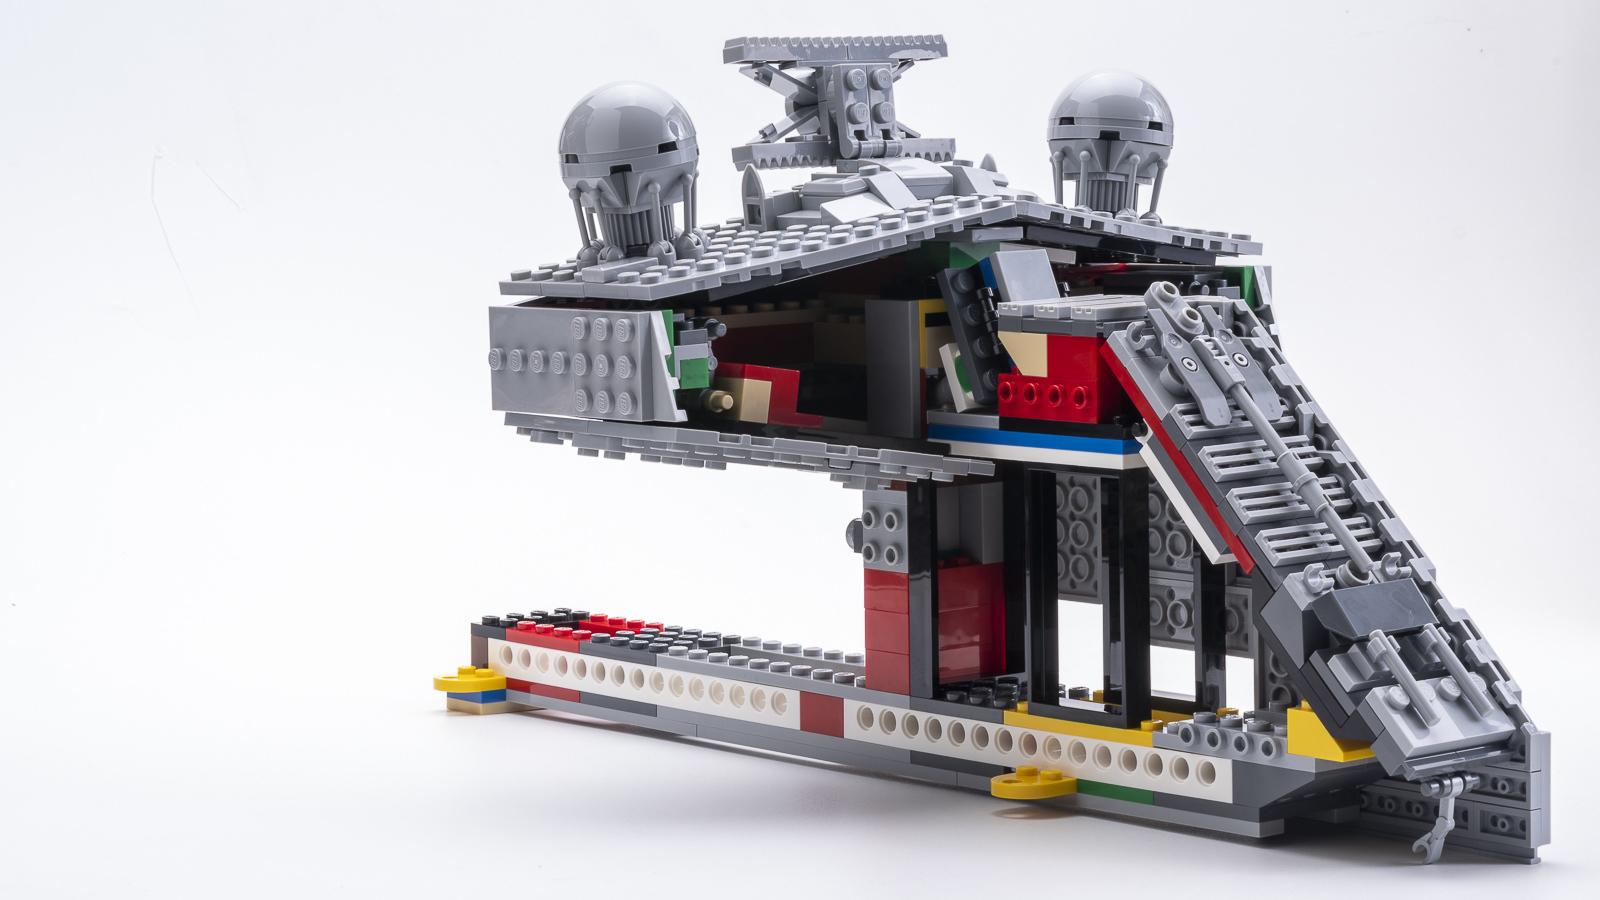 全長1mオーバー、LEGOで組む巨大なスター・デストロイヤーに本物の「優しさ」を感じた話_b0029315_18170842.jpg